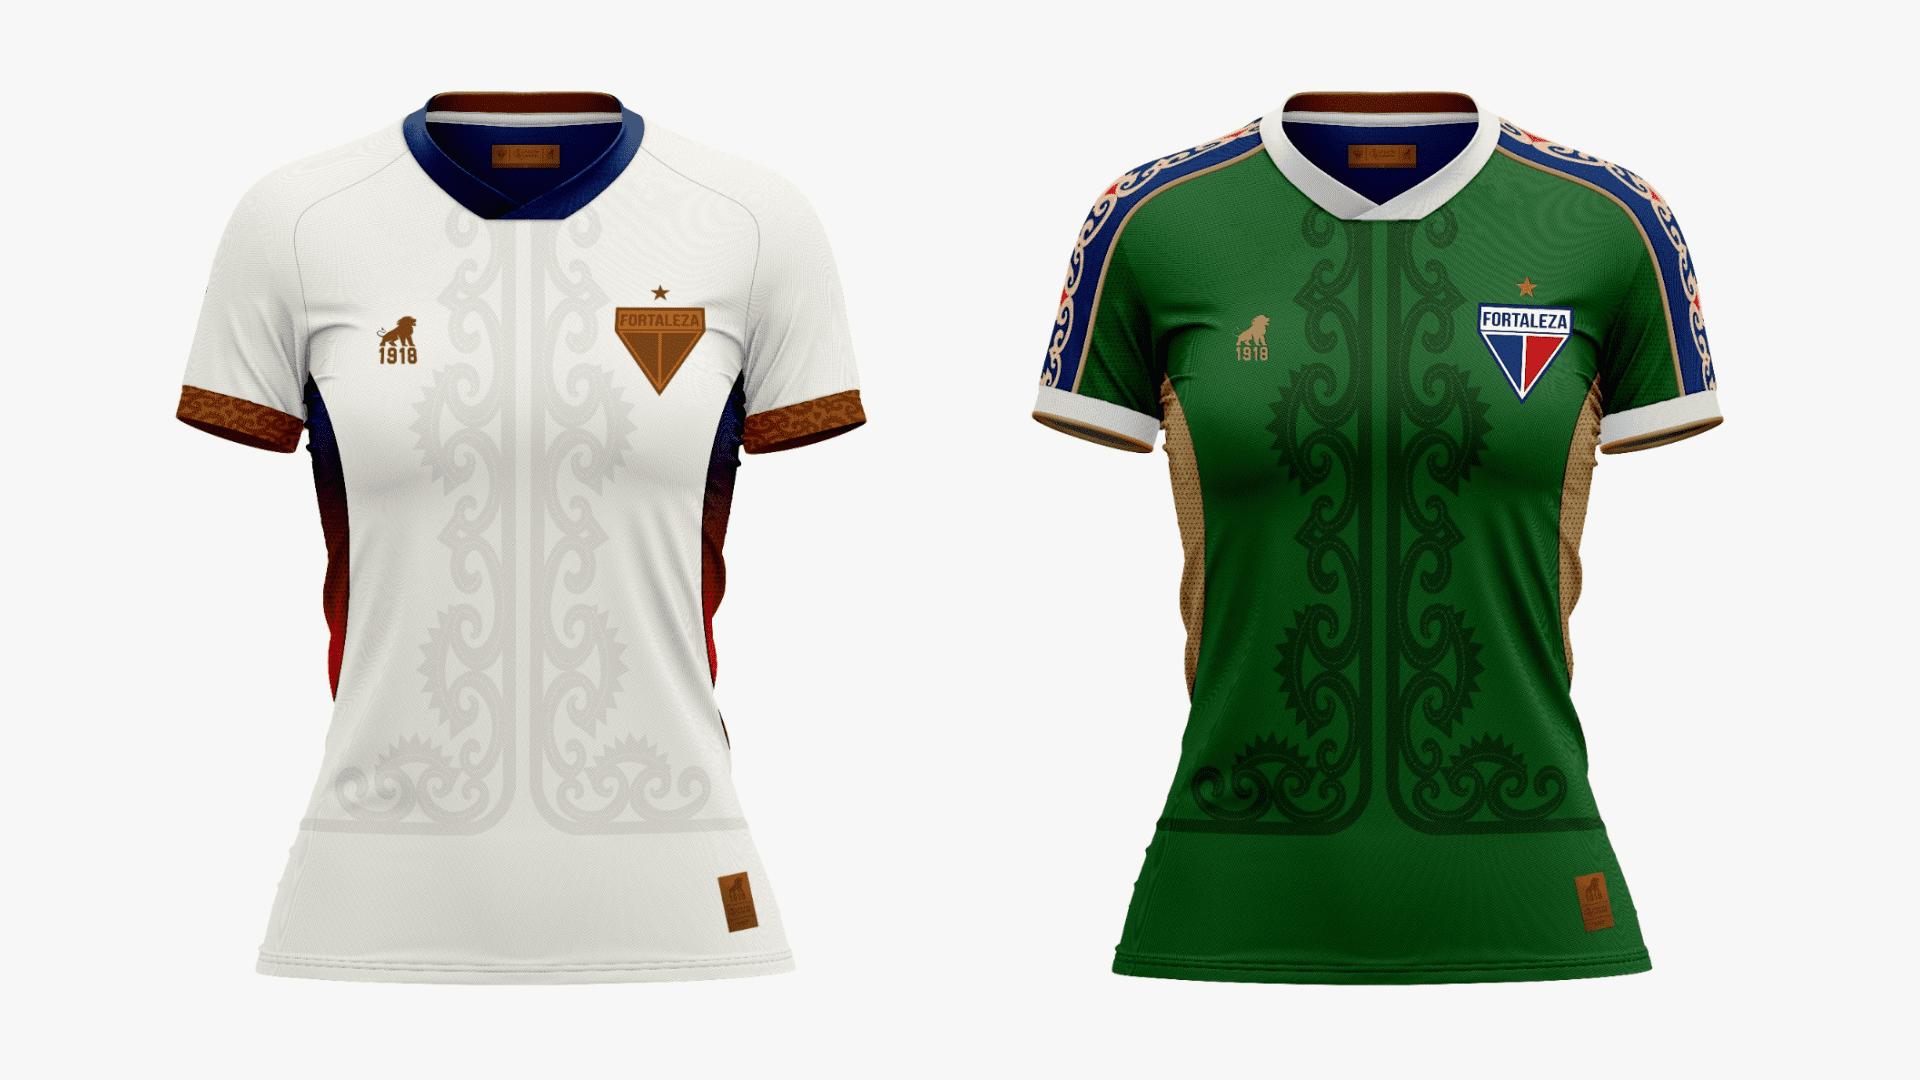 Camisa do Fortaleza Feminina 2021 Leão 1918 Luar e Sertão (Imagem: Divulgação/Leão 1918)